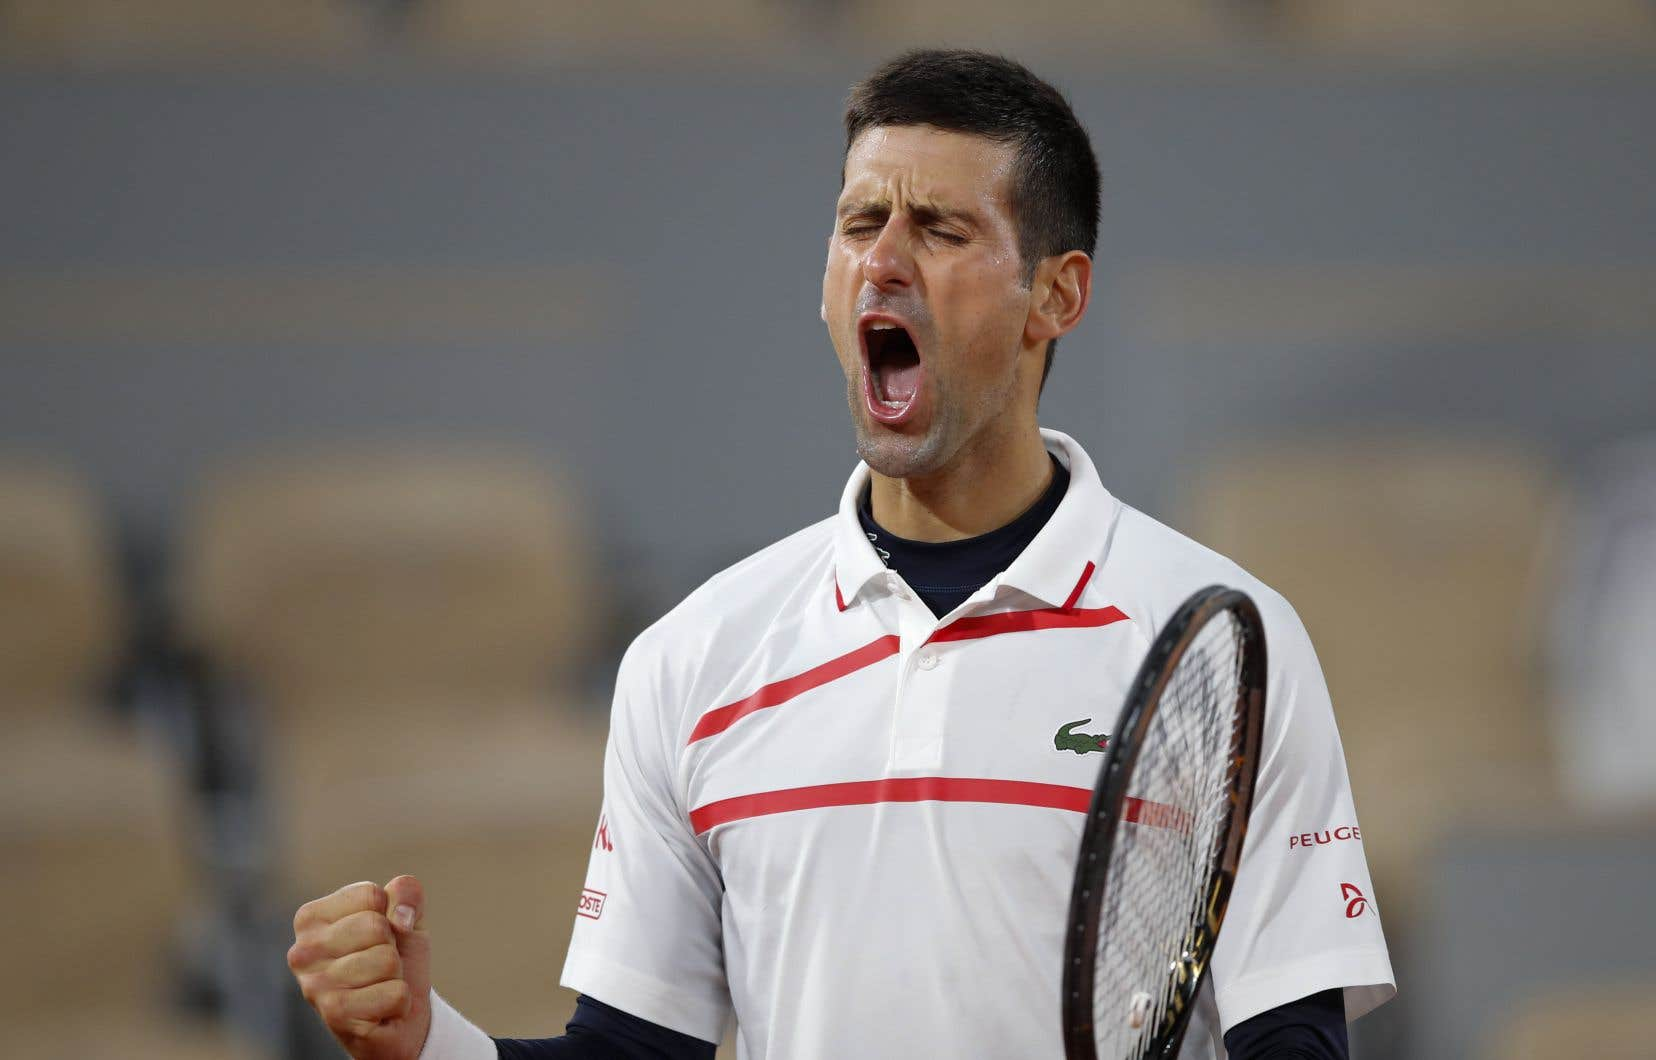 À 33ans, Djokovic n'est plus qu'à deux victoires d'un accomplissement historique: devenir le premier joueur de l'ère Open, et seulement le troisième de l'histoire, après les Australiens Rod Laver et Roy Emerson, à s'offrir au moins deux fois chacun des quatre trophées du Grand Chelem.